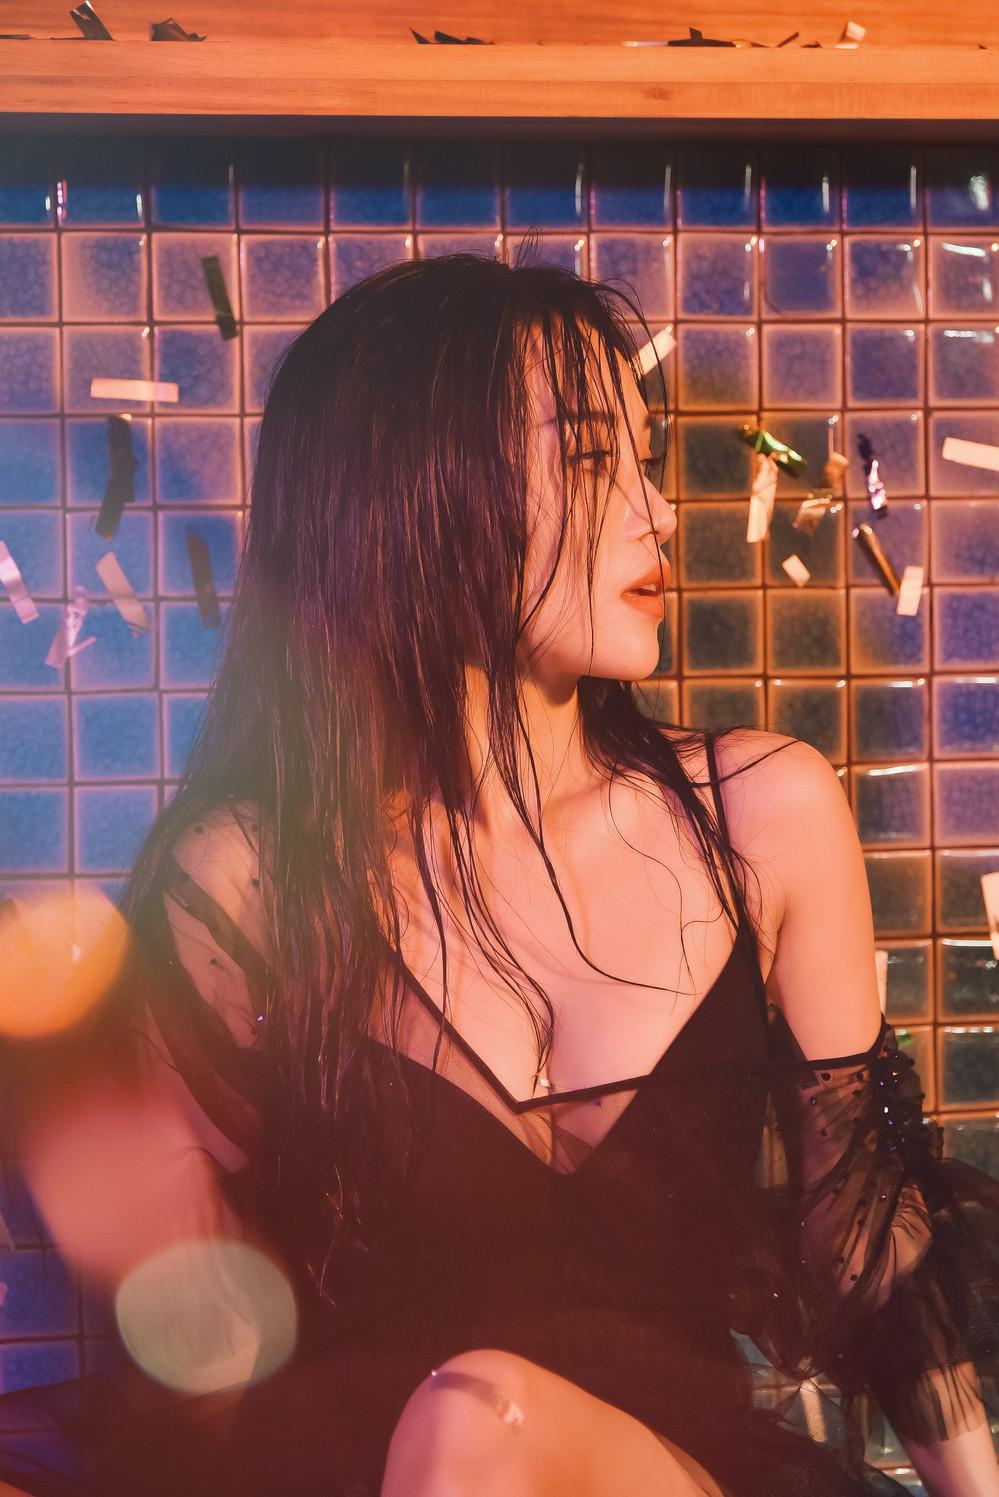 Hậu tin đồn chia tay, Sĩ Thanh đau khổ tận cùng trong MV ballad mới ám chỉ mối quan hệ tan vỡ vì người thứ ba